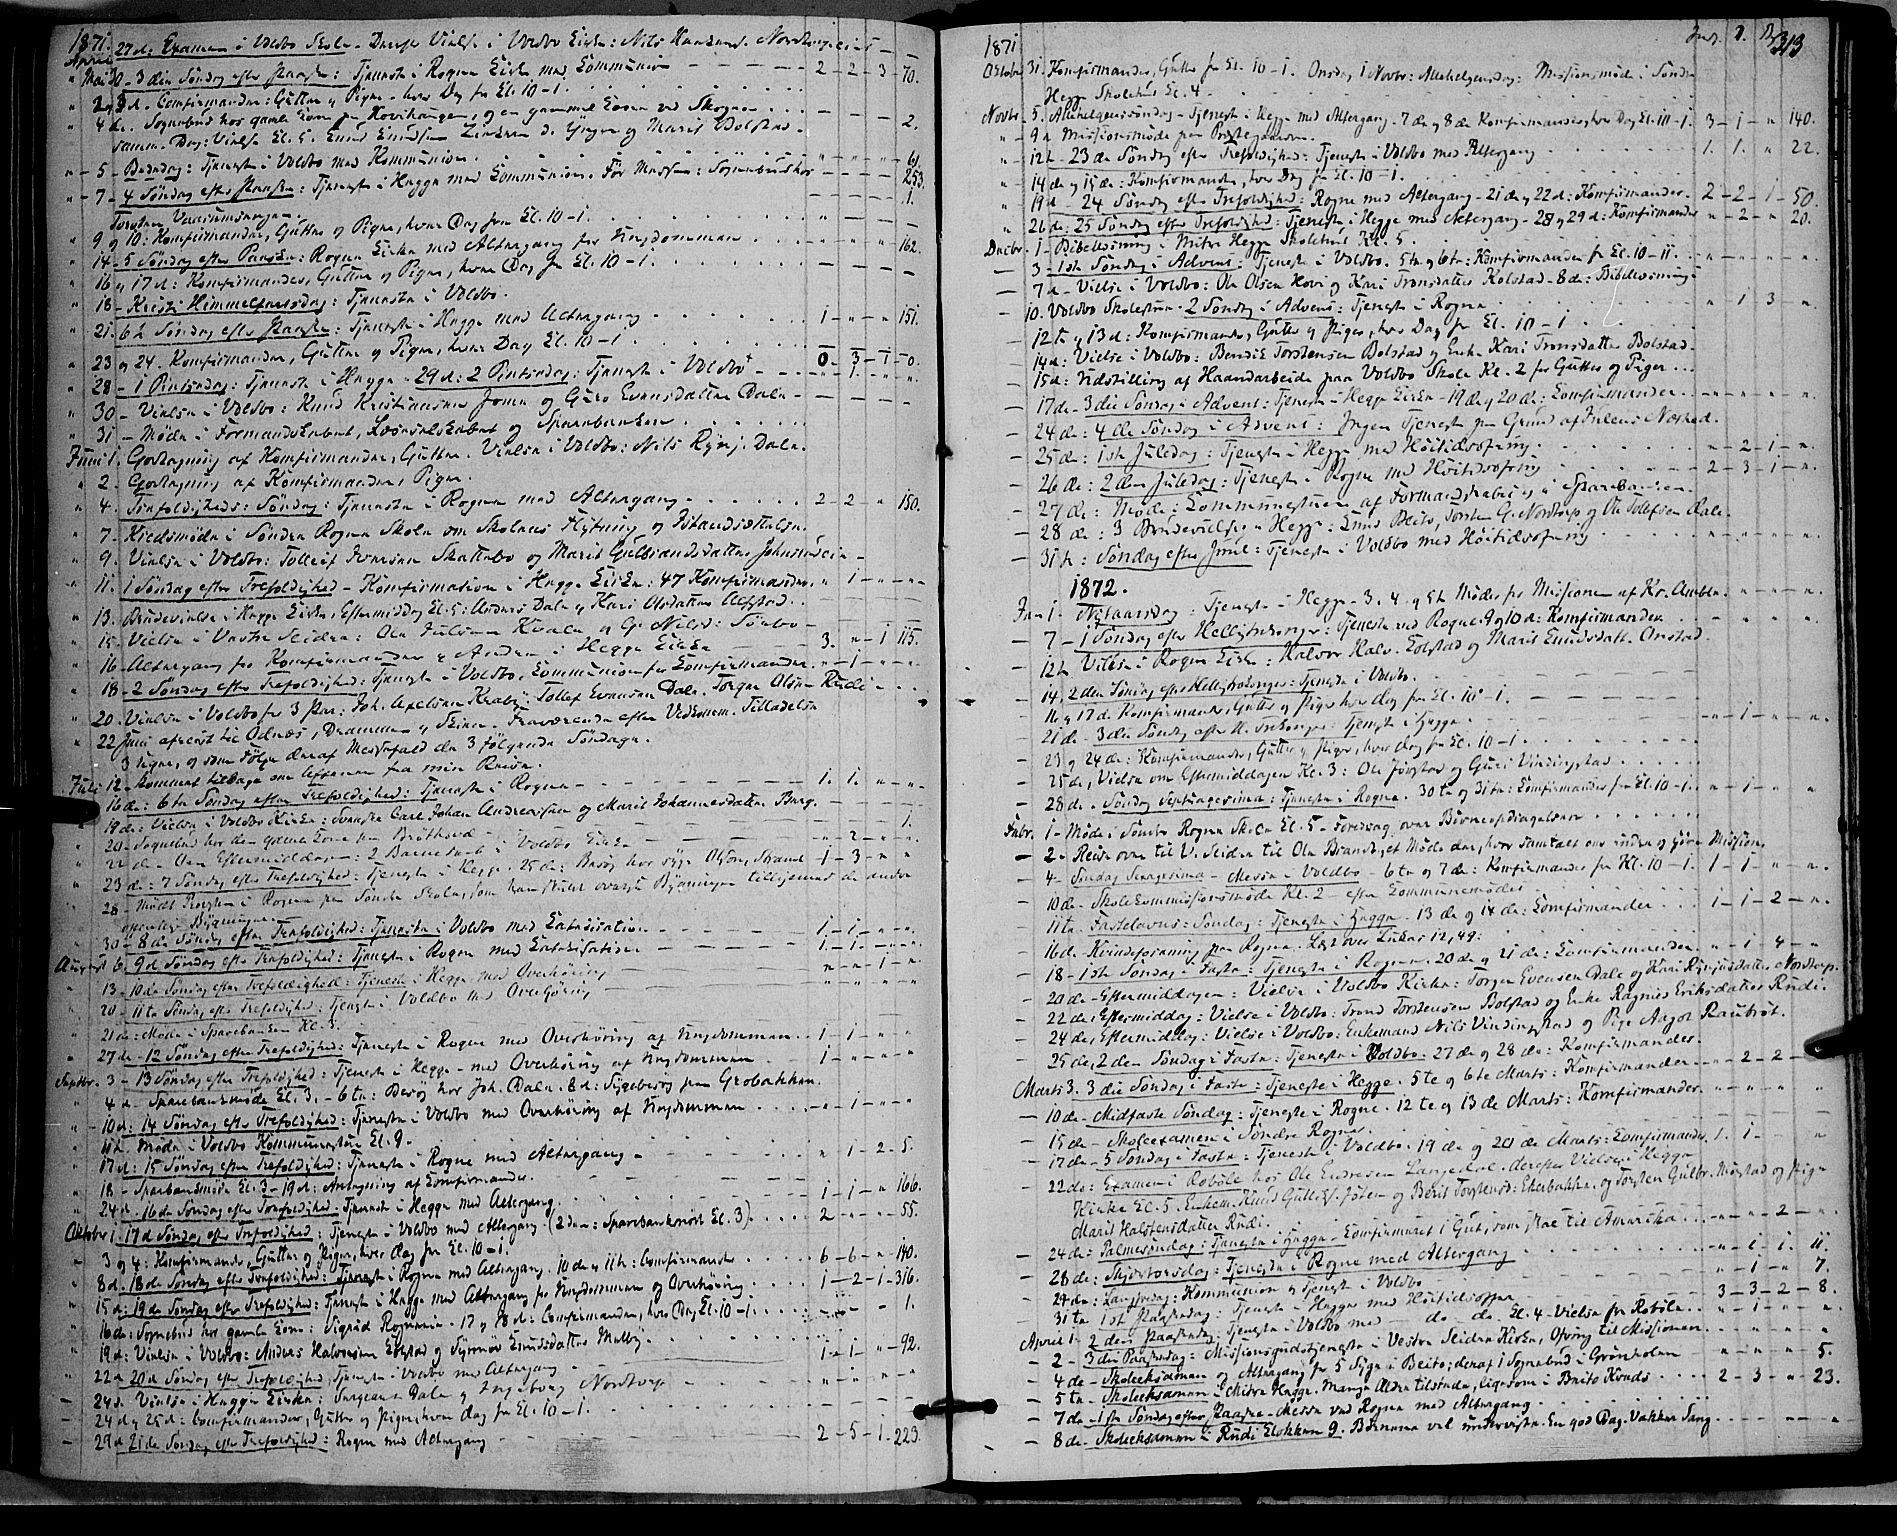 SAH, Øystre Slidre prestekontor, Ministerialbok nr. 1, 1849-1874, s. 313